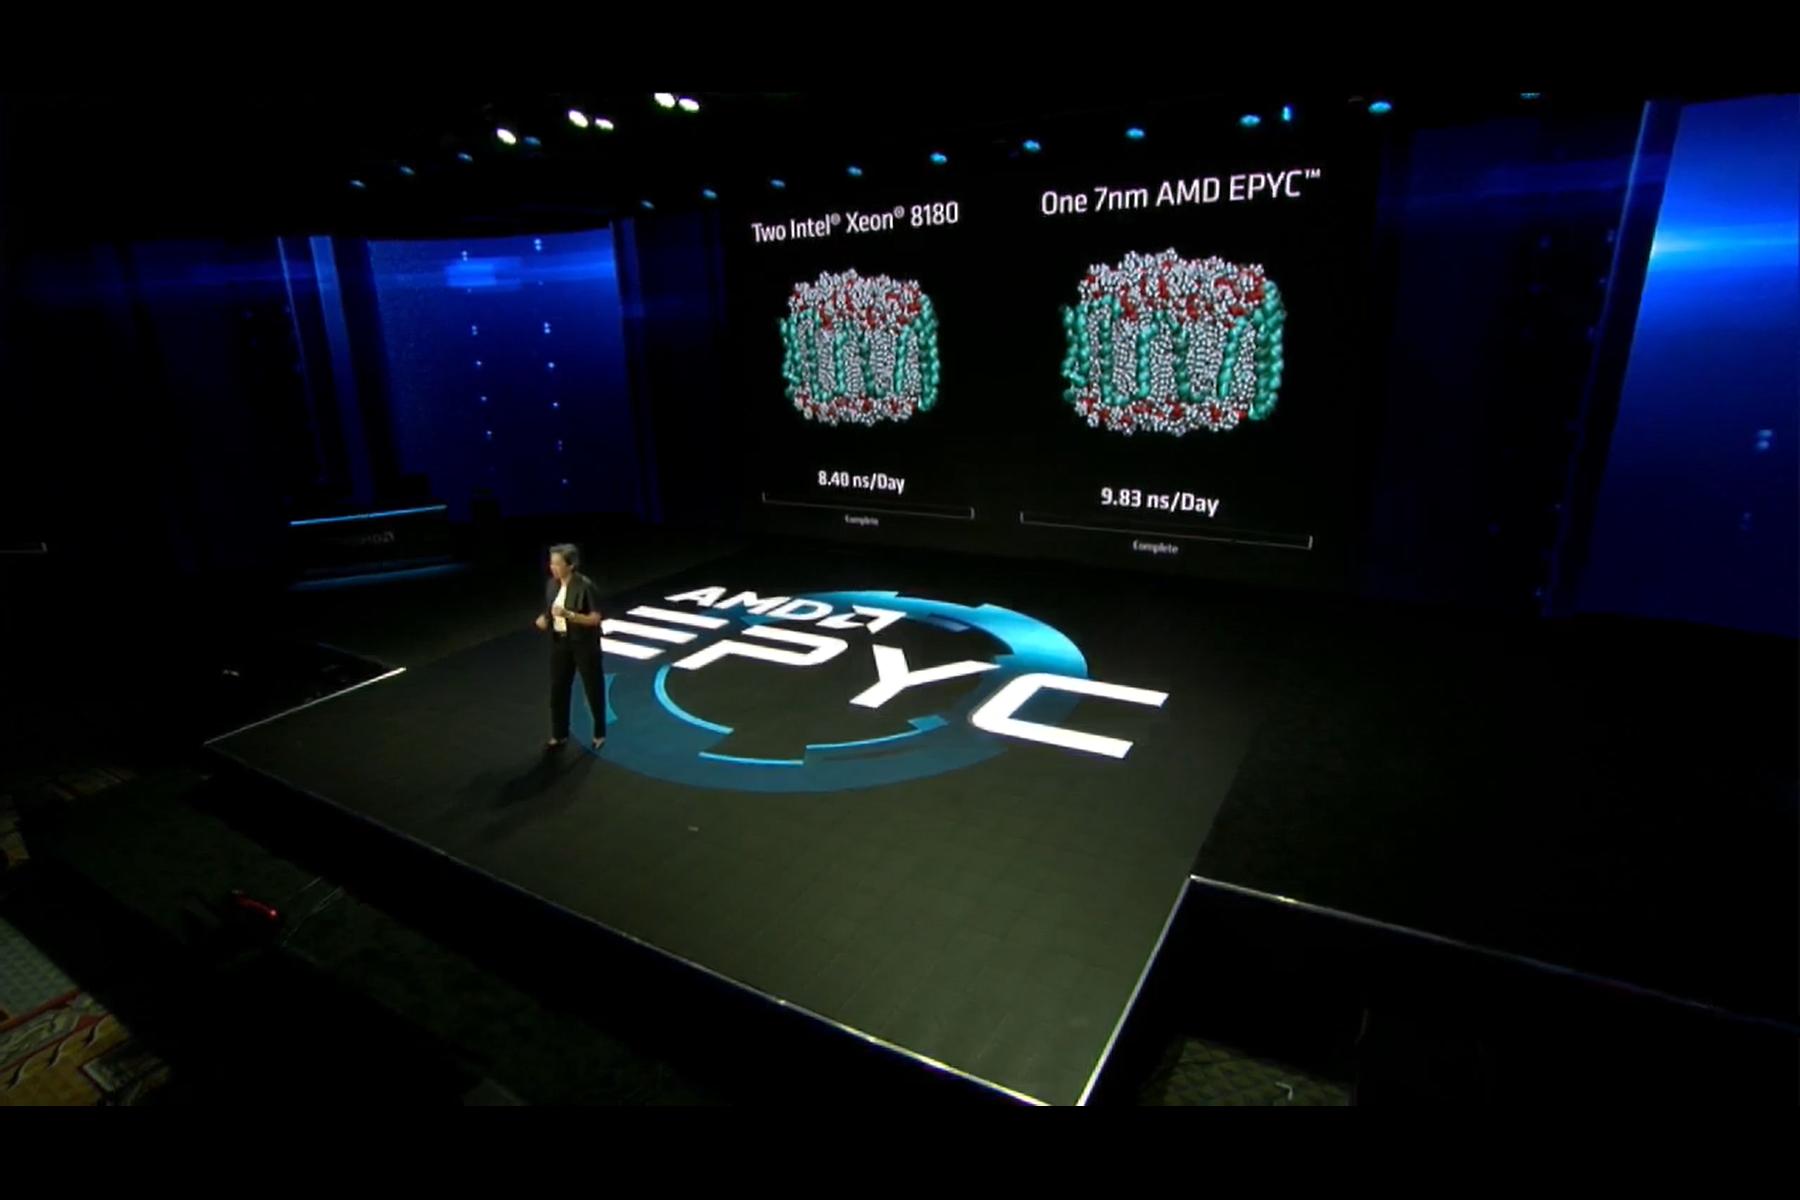 AMD CES 2019 keynote announcements: 3rd-gen Ryzen processor, Radeon